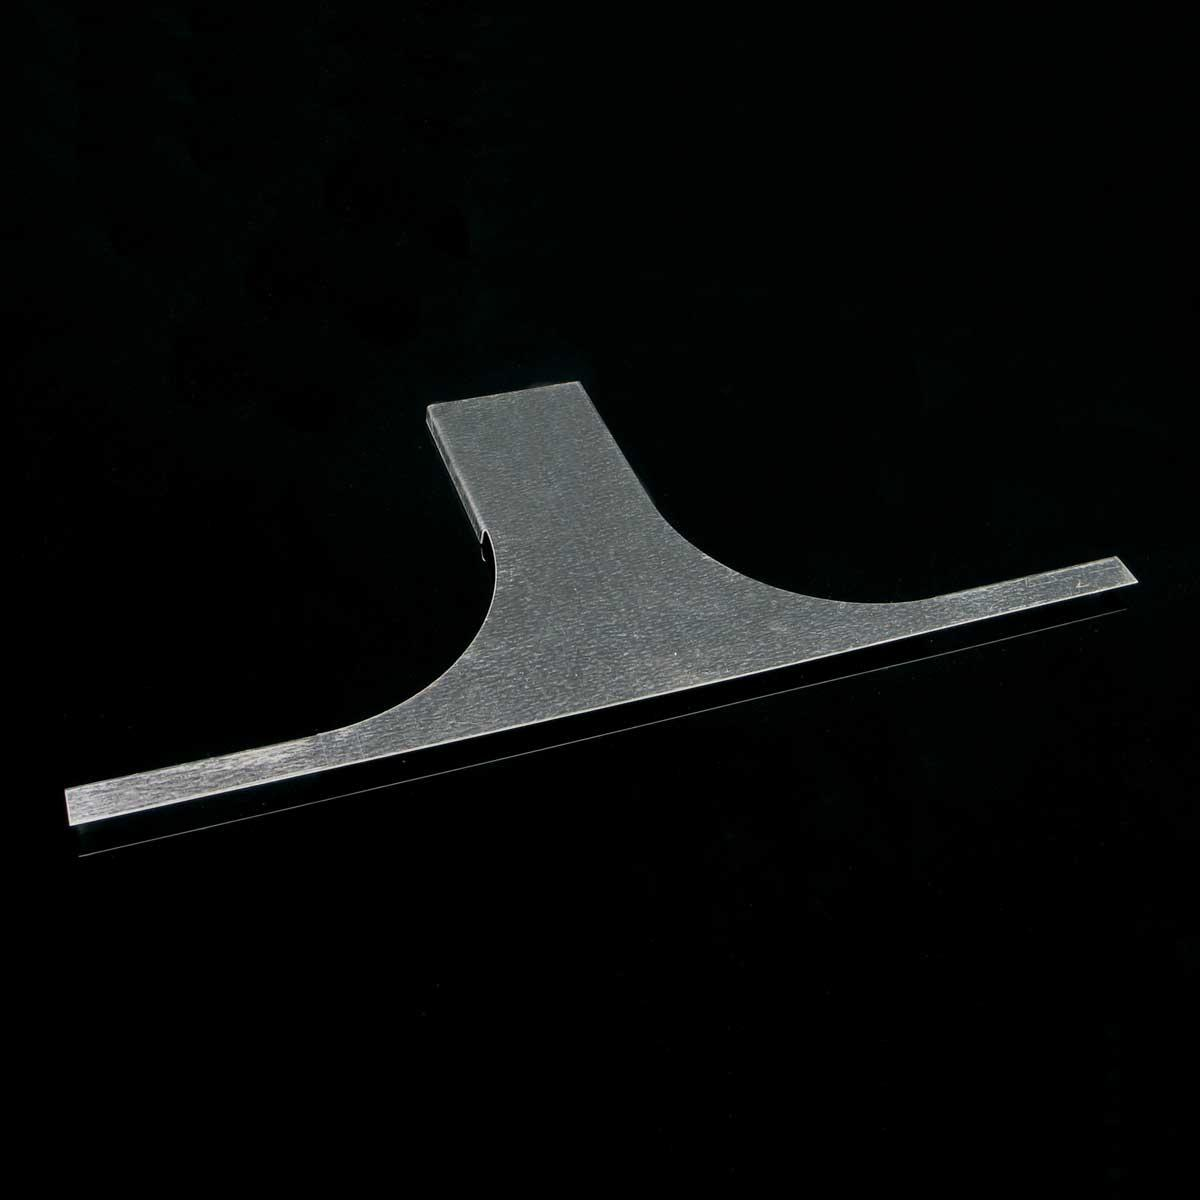 Кришка горизонтального відгалуження для лотка JUPITER; розміри-15x600x1003mm Товщ. метал-1мм Вага-1,23кг/м